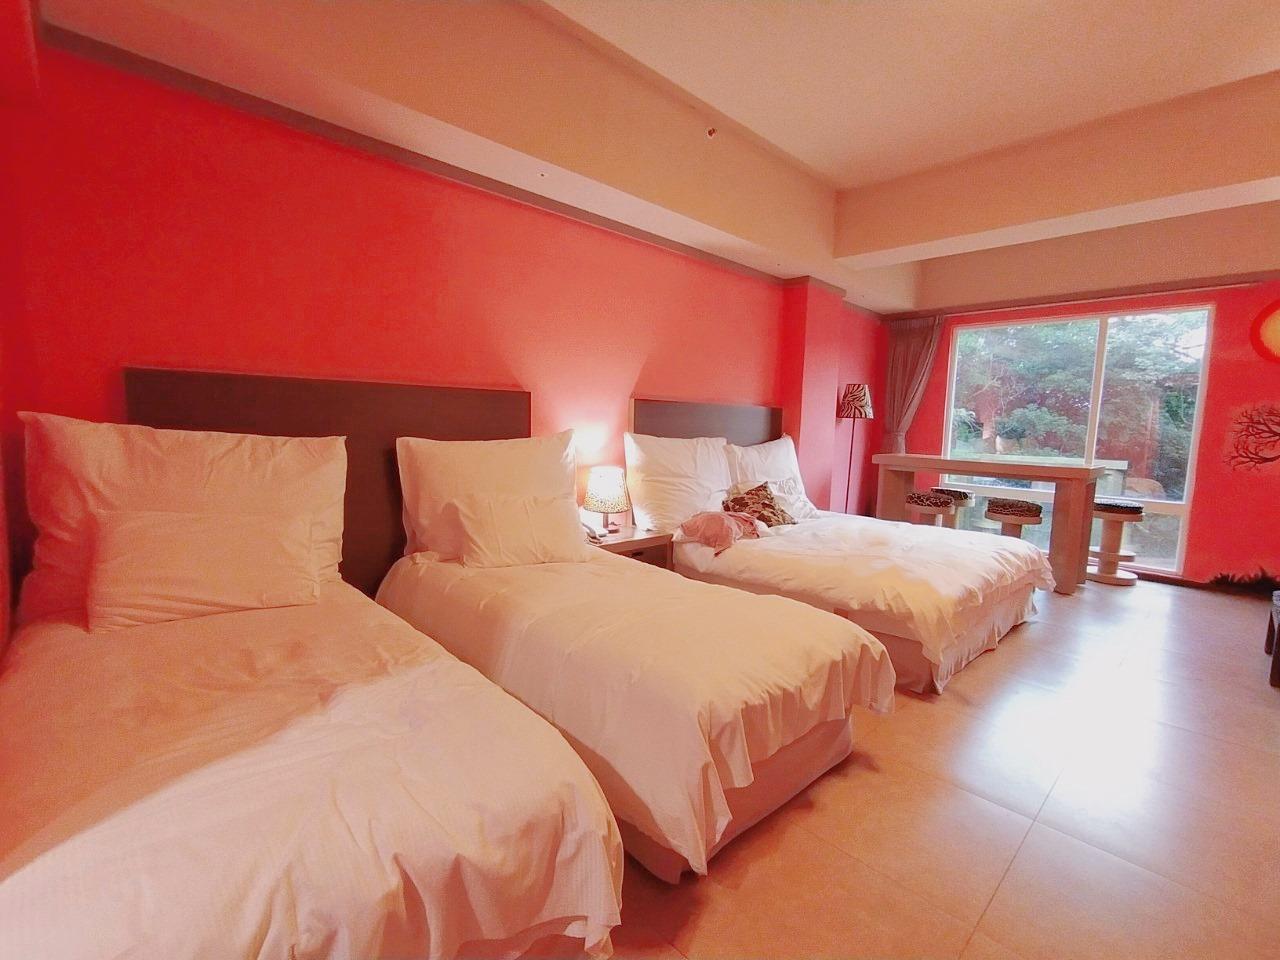 新竹六福莊住宿分享-剛果藍天房。沒有住最貴房間也能看到長頸鹿